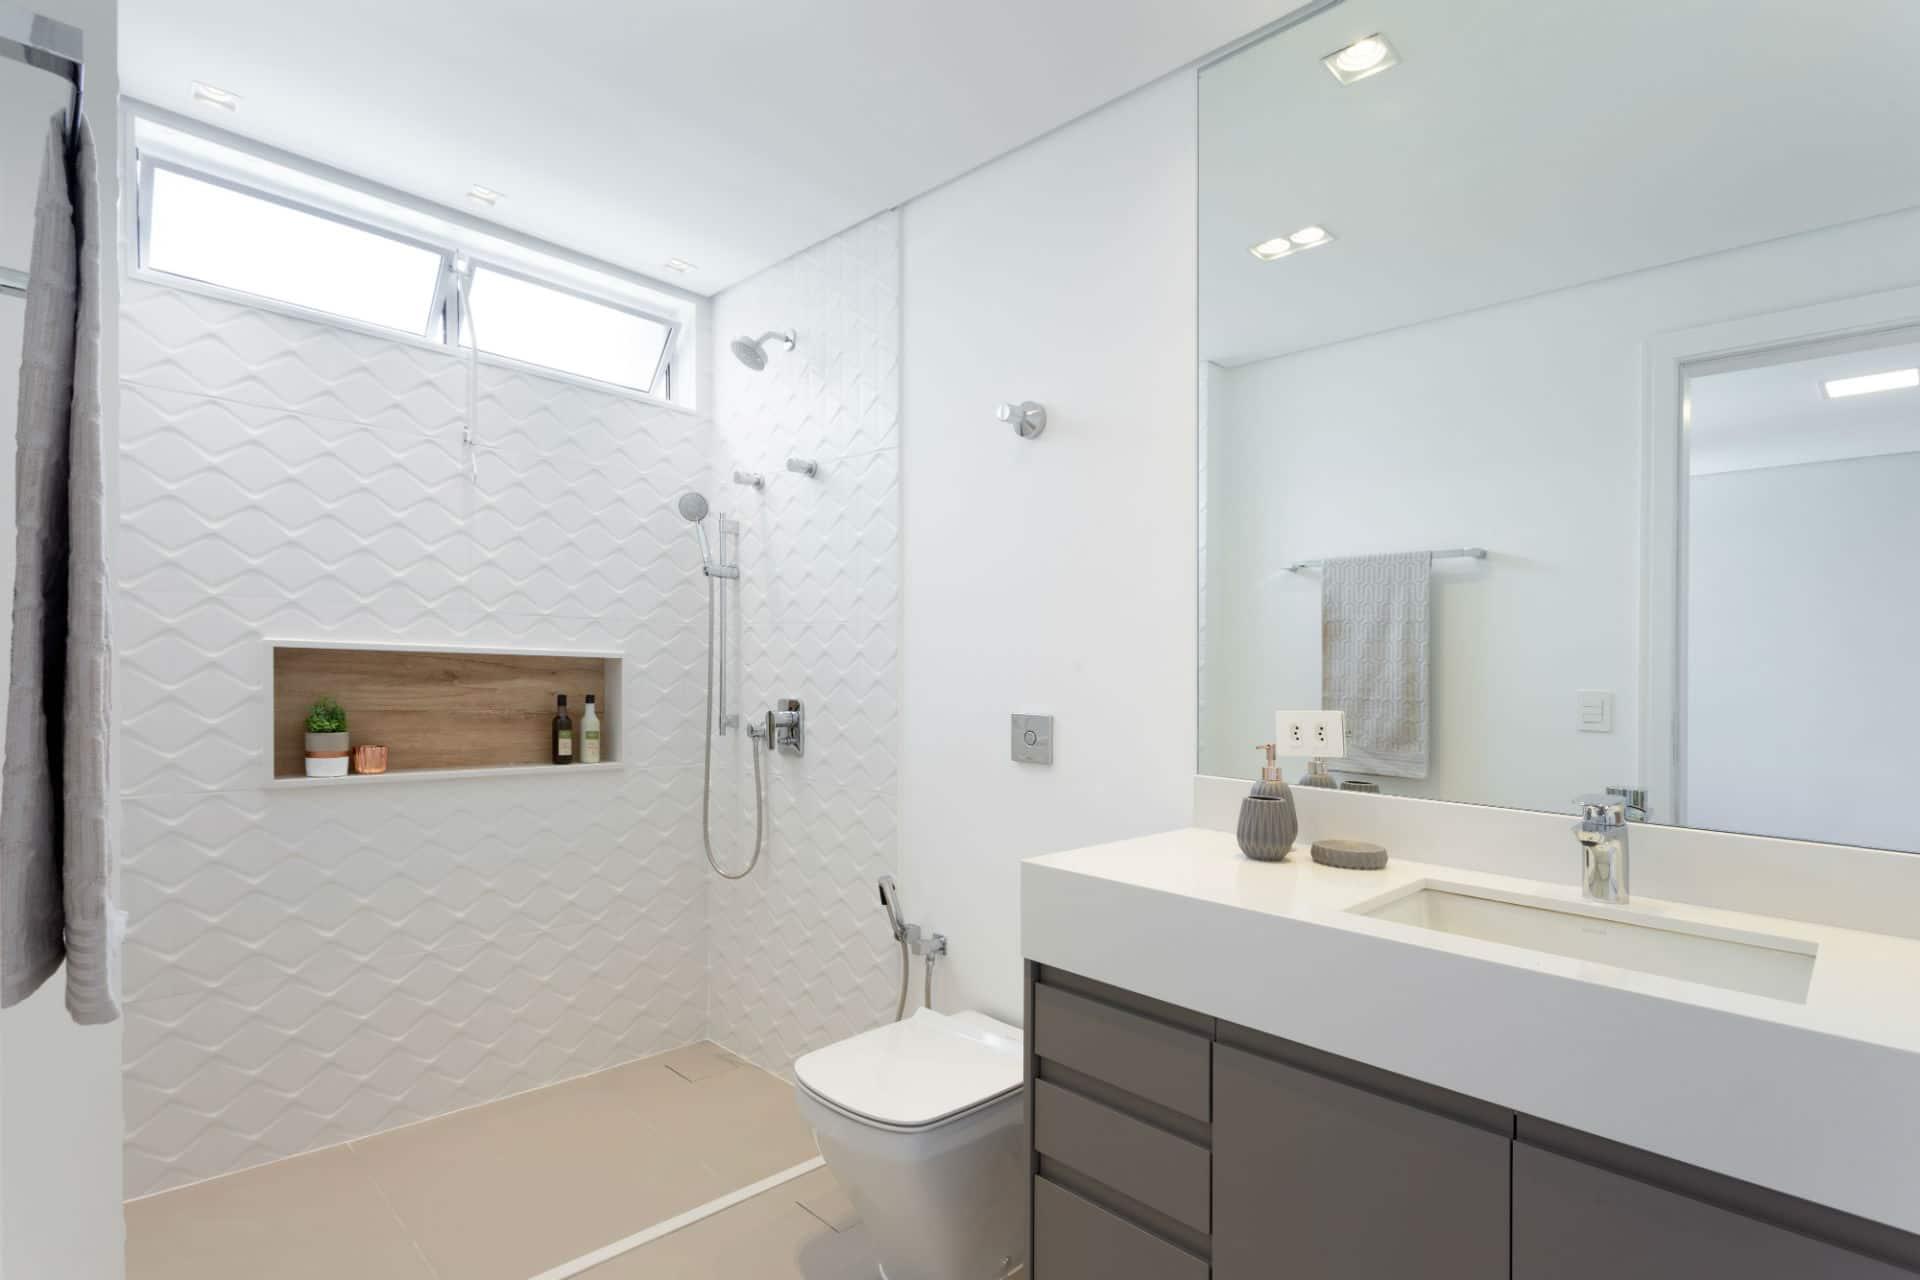 Antes & Depois: veja a transformação deste banheiro após reforma em apartamento nos Jardins (SP)